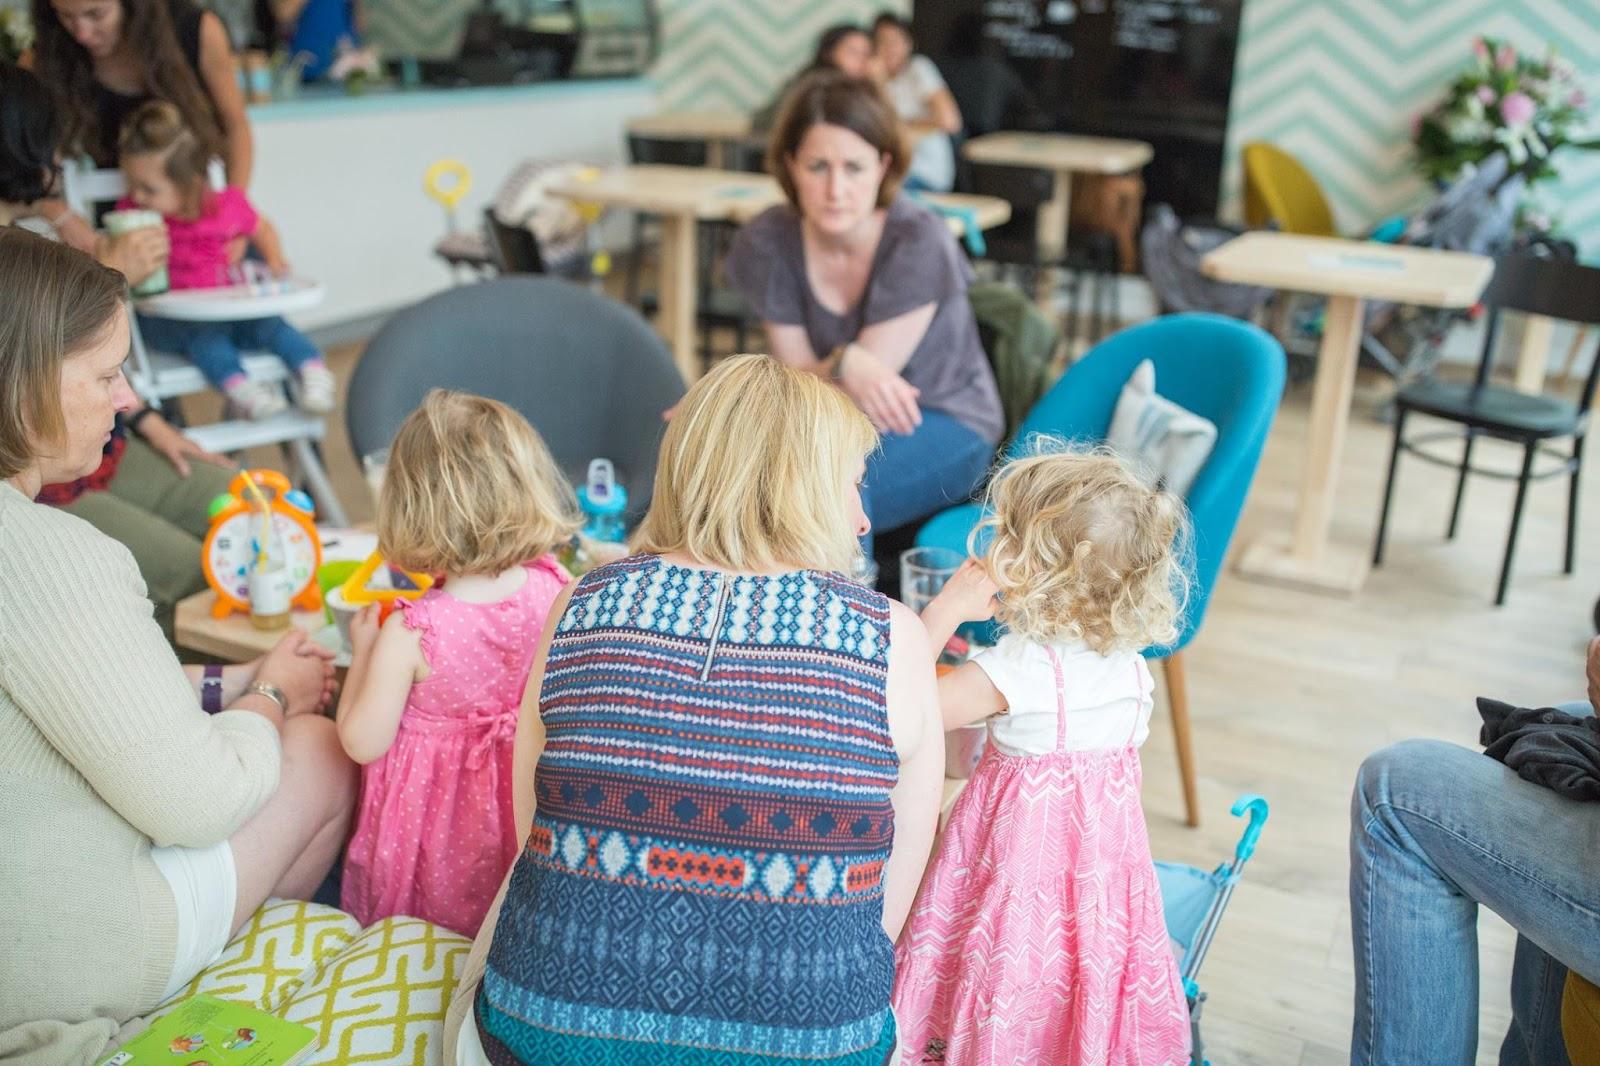 Café ré-créatif pour parents et enfants en plein coeur de Lyon. Des ateliers parents/enfants, des repas bio, des jeux et beaucoup d'enfants.